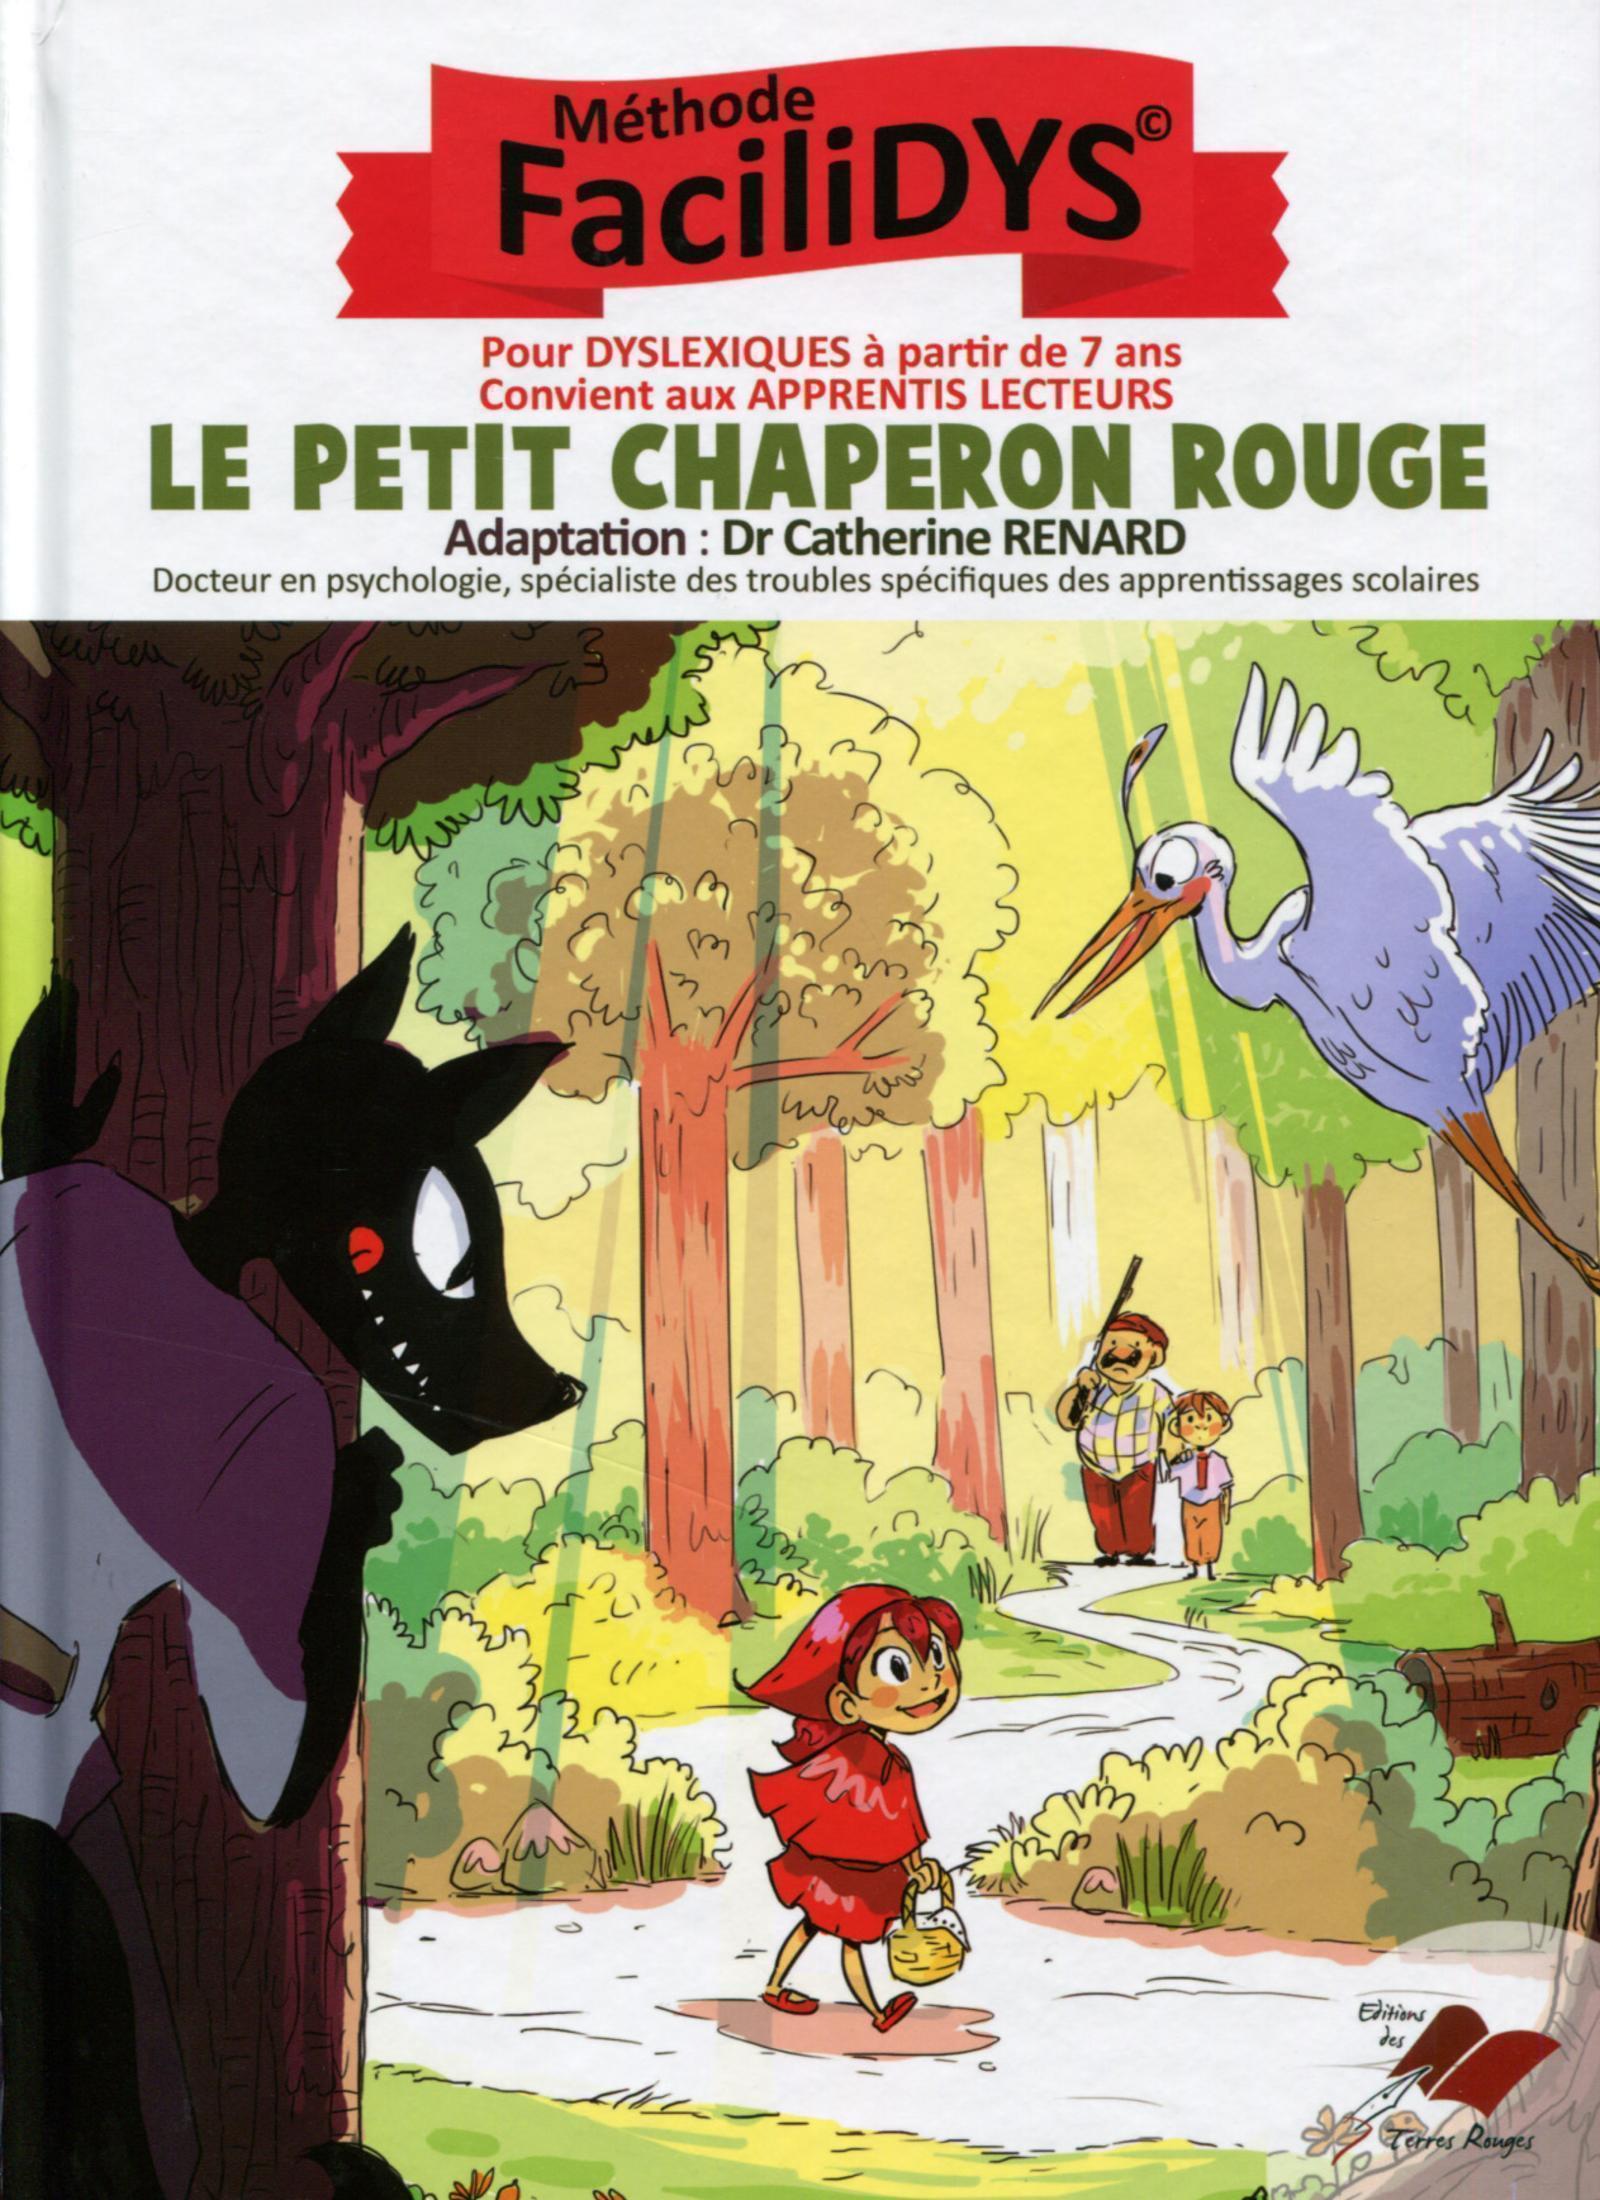 LE PETIT CHAPERON ROUGE - POUR DYSLEXIQUES A PARTIR DE 7 ANS - CONVIENT AUX APPRENTIS LECTEURS.